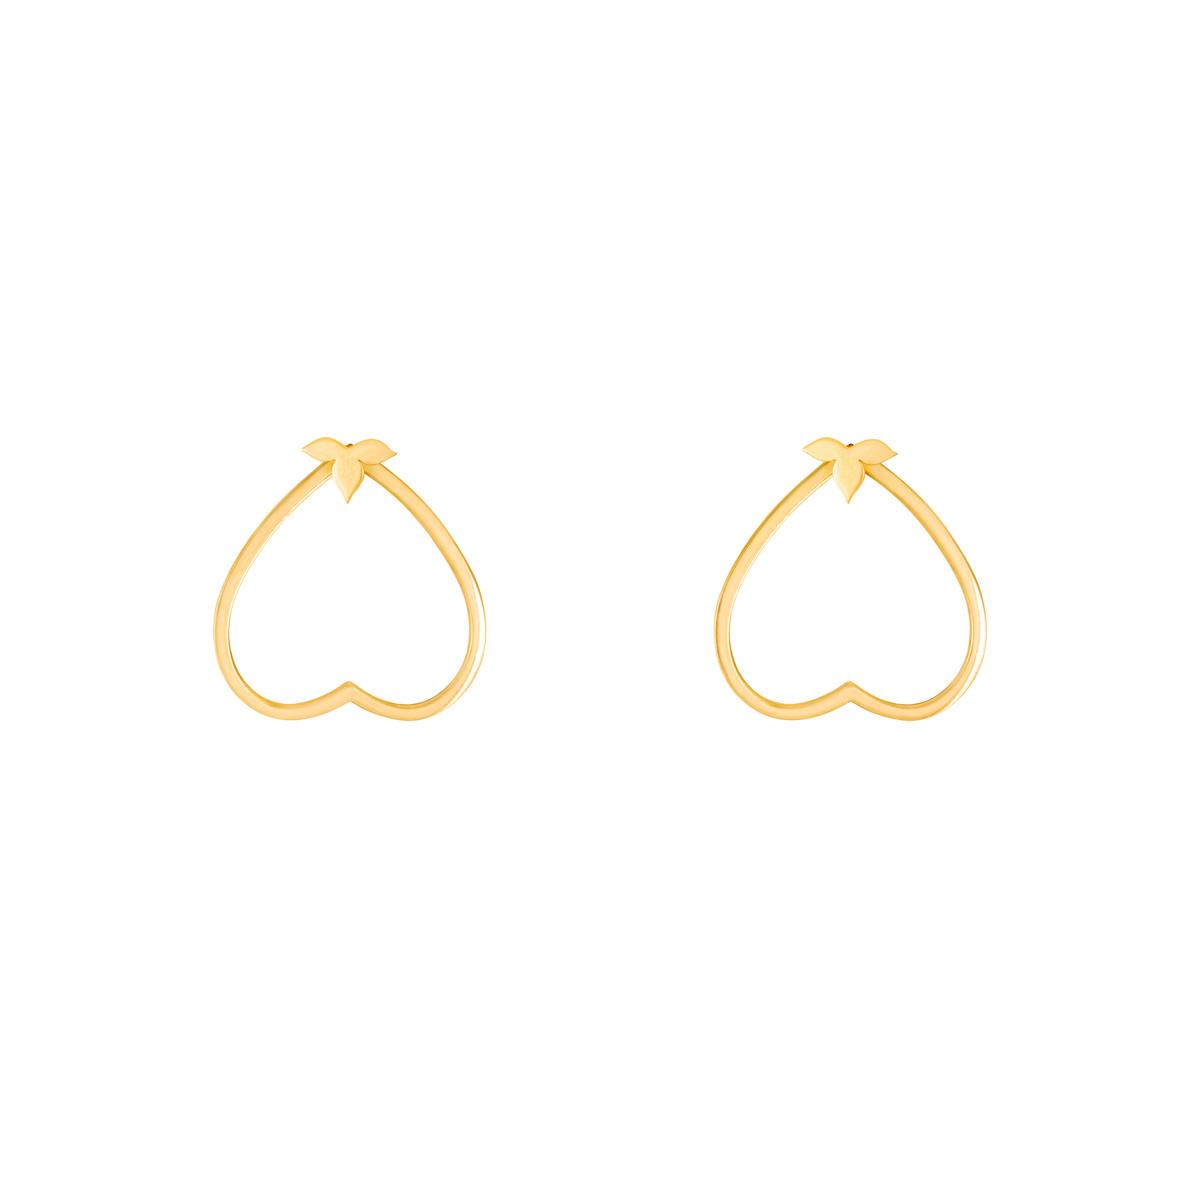 گوشواره طلا قلب و برگ